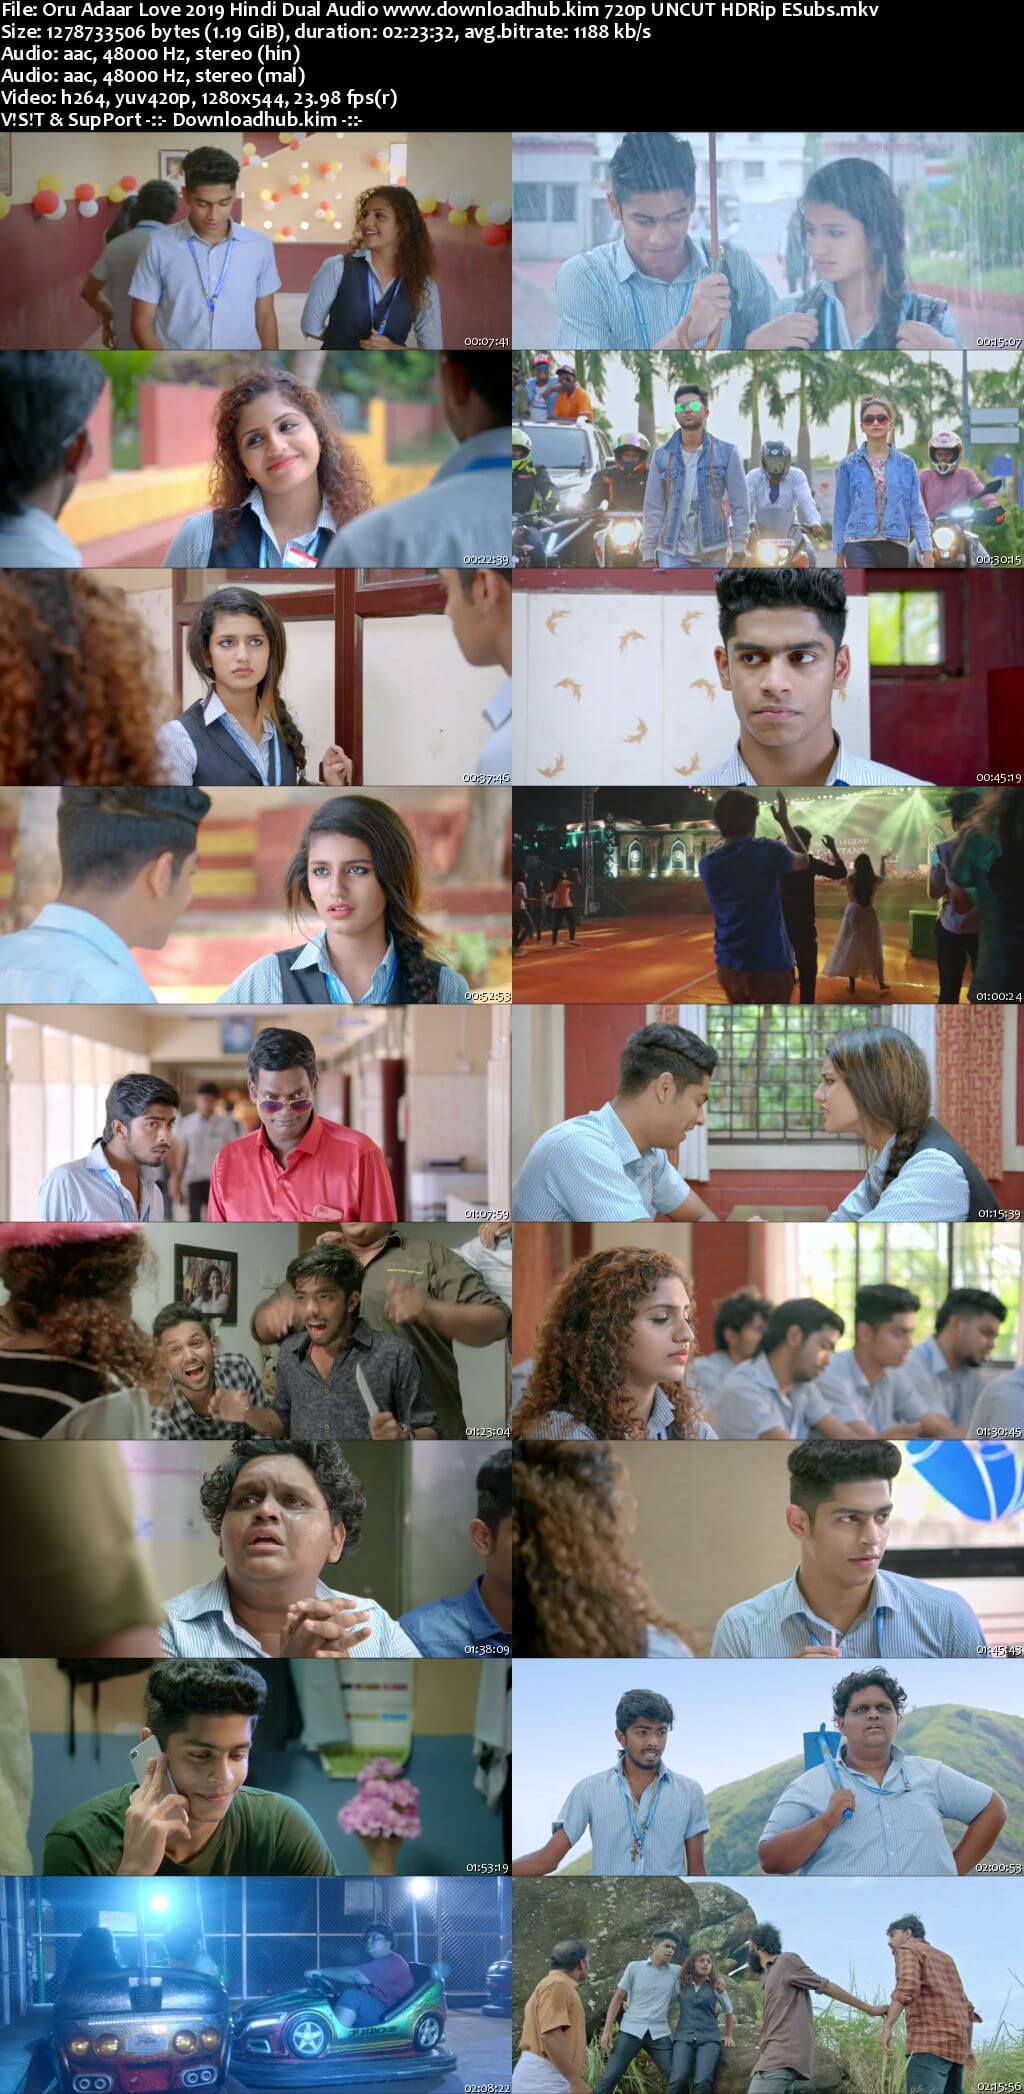 Oru Adaar Love 2019 Hindi Dual Audio 720p UNCUT HDRip ESubs